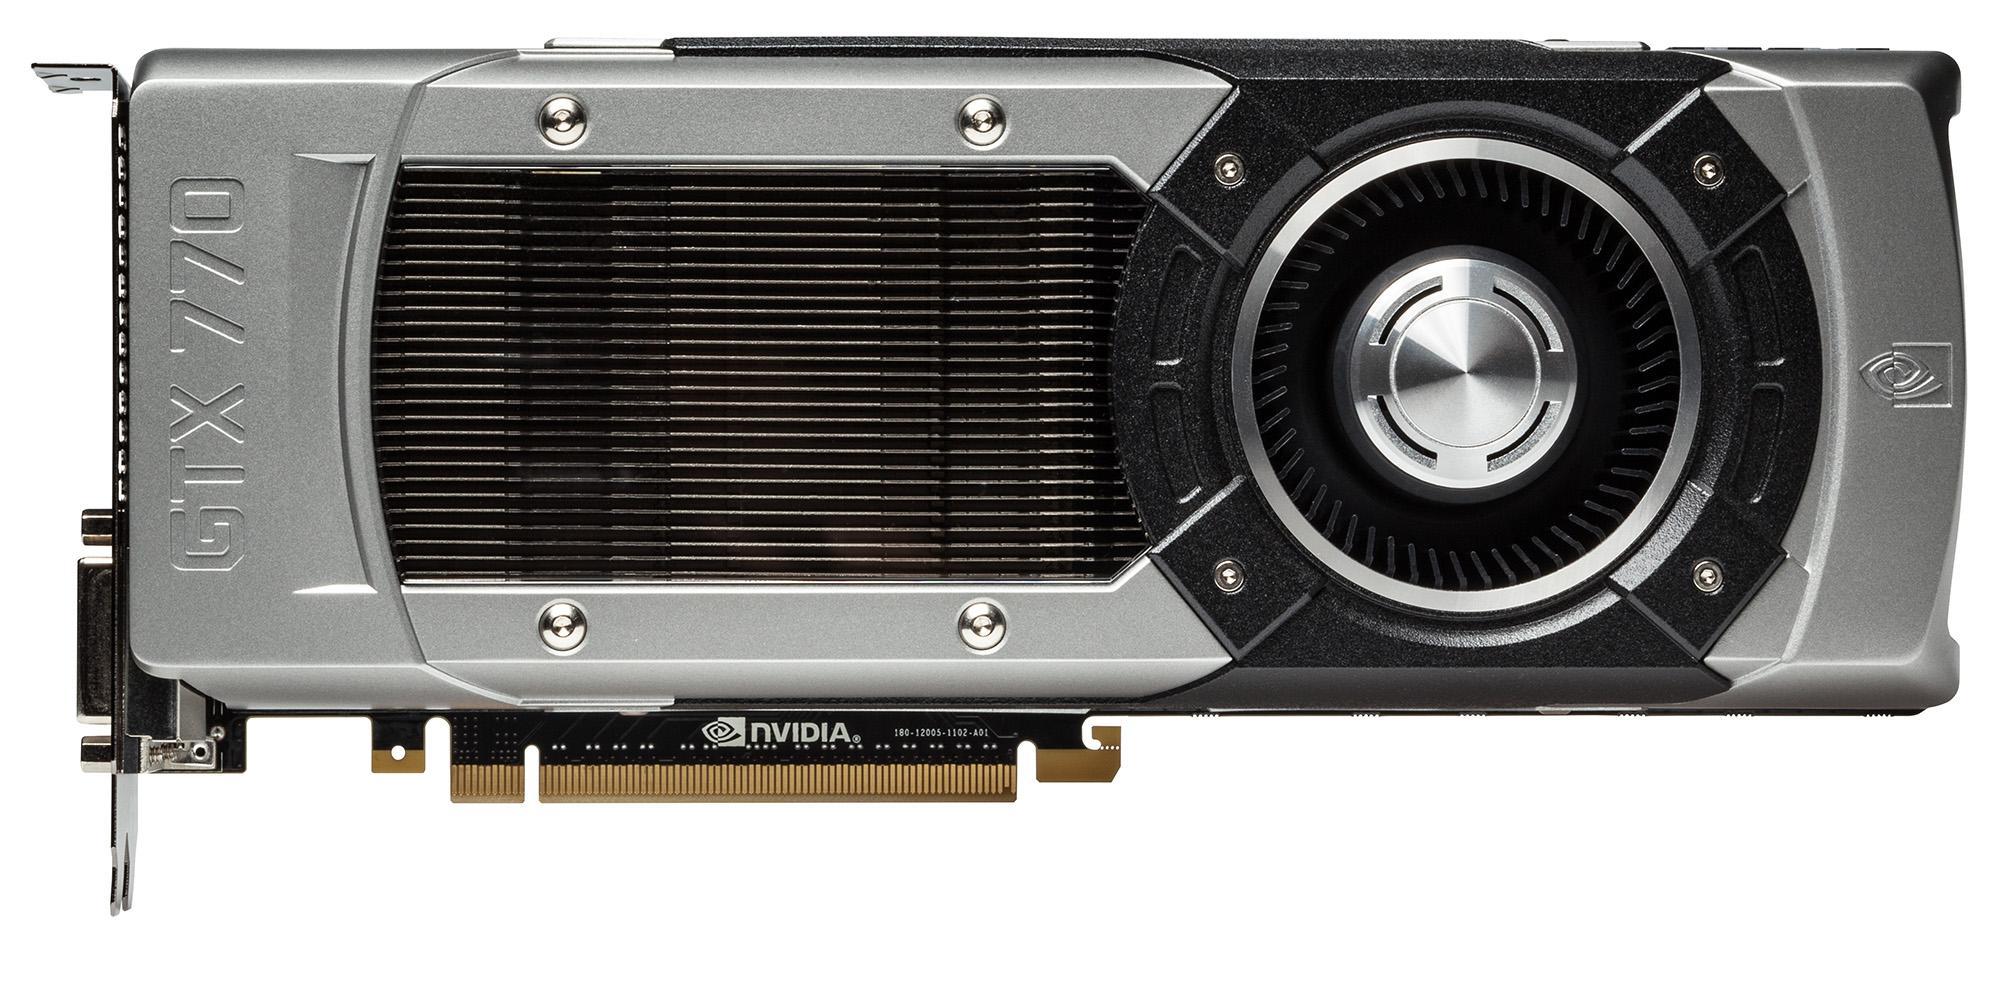 Nvidia GeForce GTX 770 er så godt som identisk med sine to storebrødre på utsiden.Foto: Nvidia